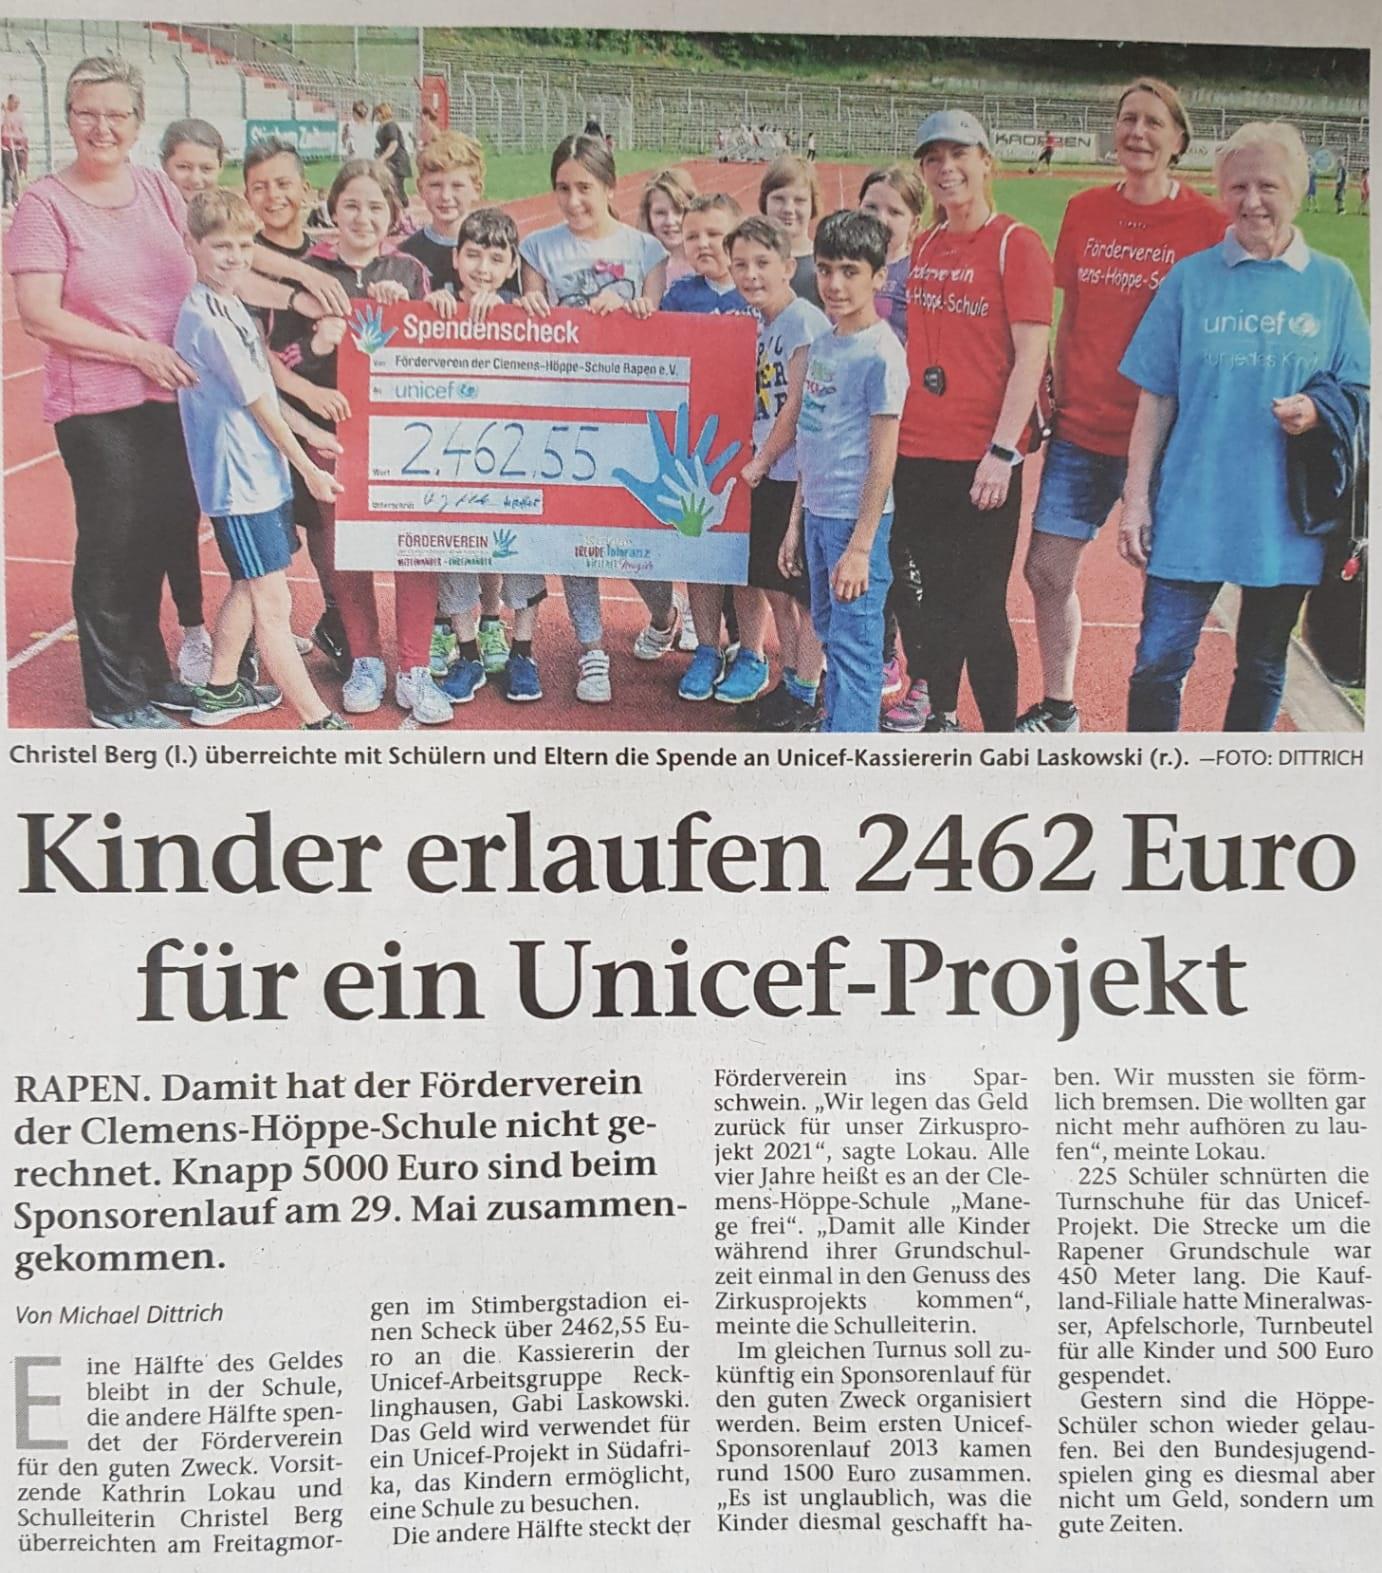 Zeitungsbericht aus der Stimbergzeitung